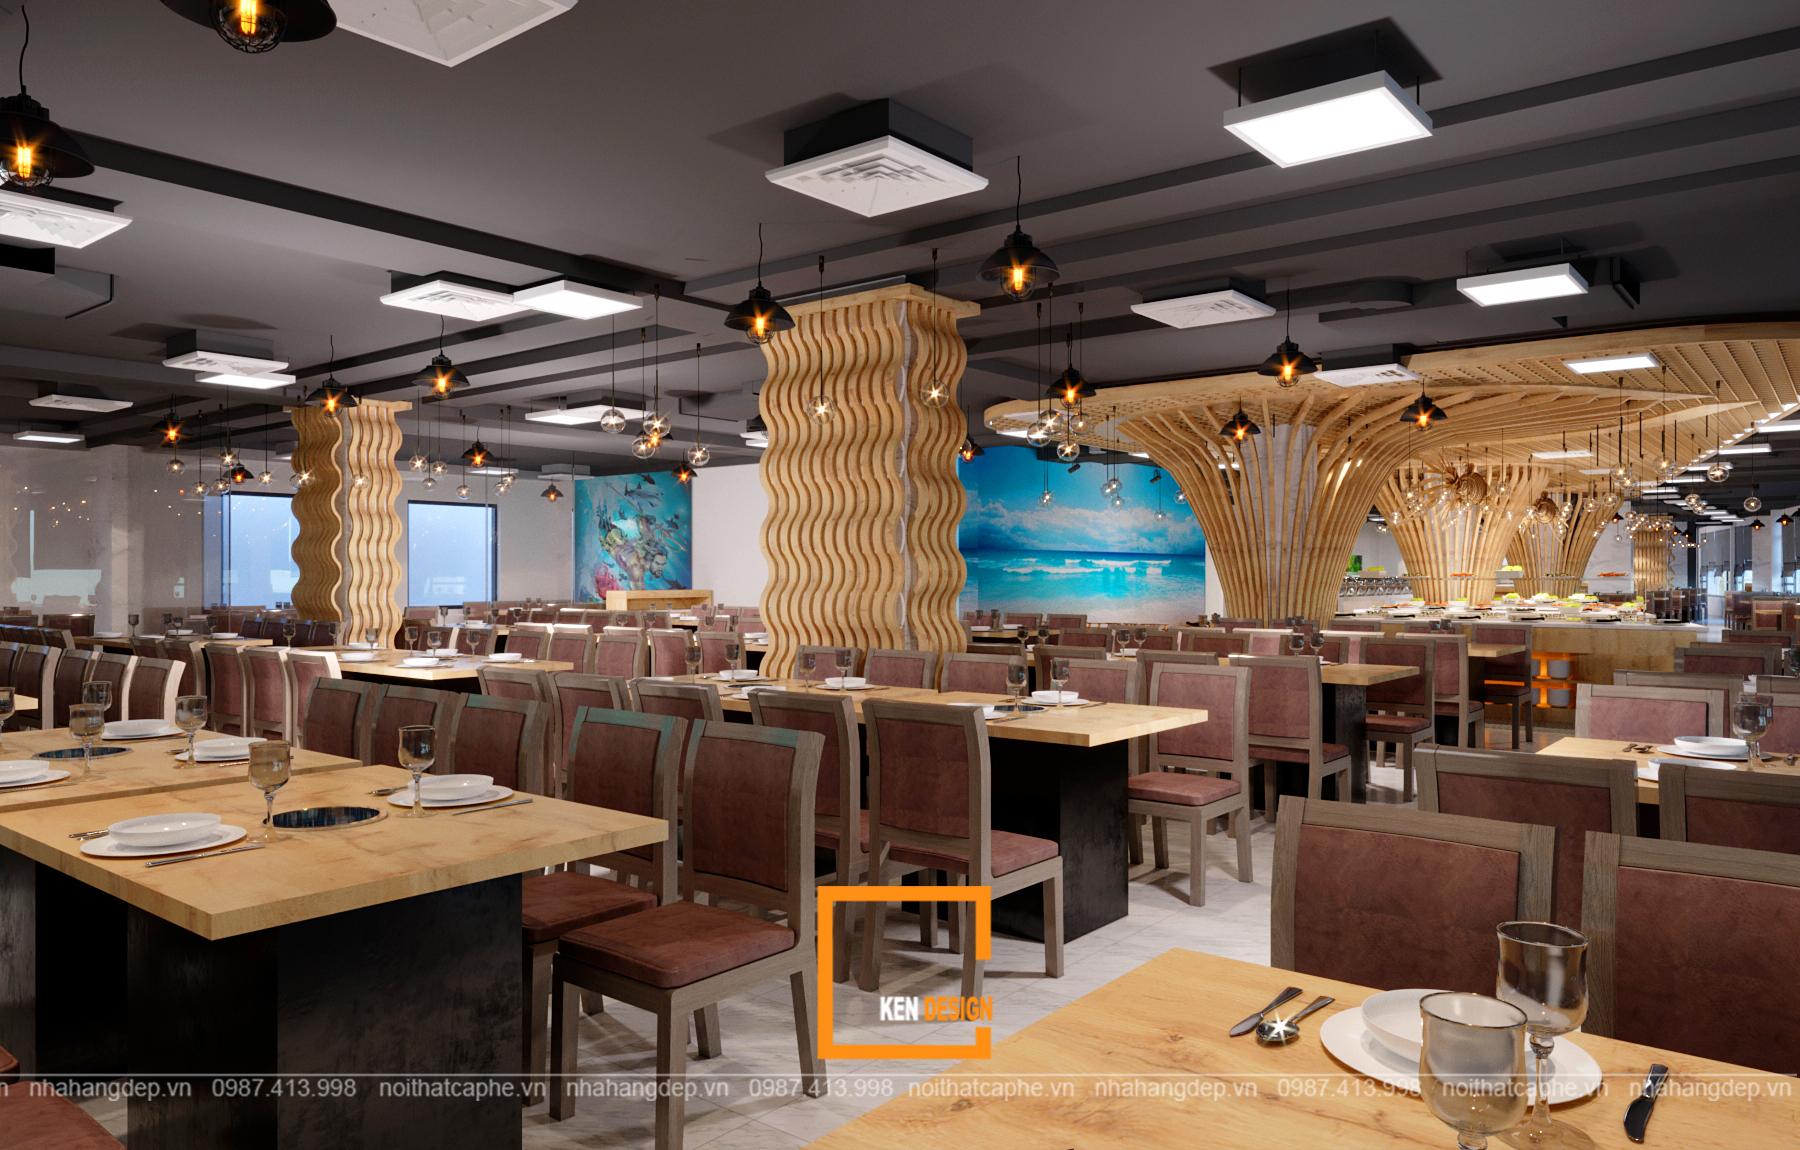 Có gì độc đáo trong thiết kế nội thất nhà hàng hải sản?